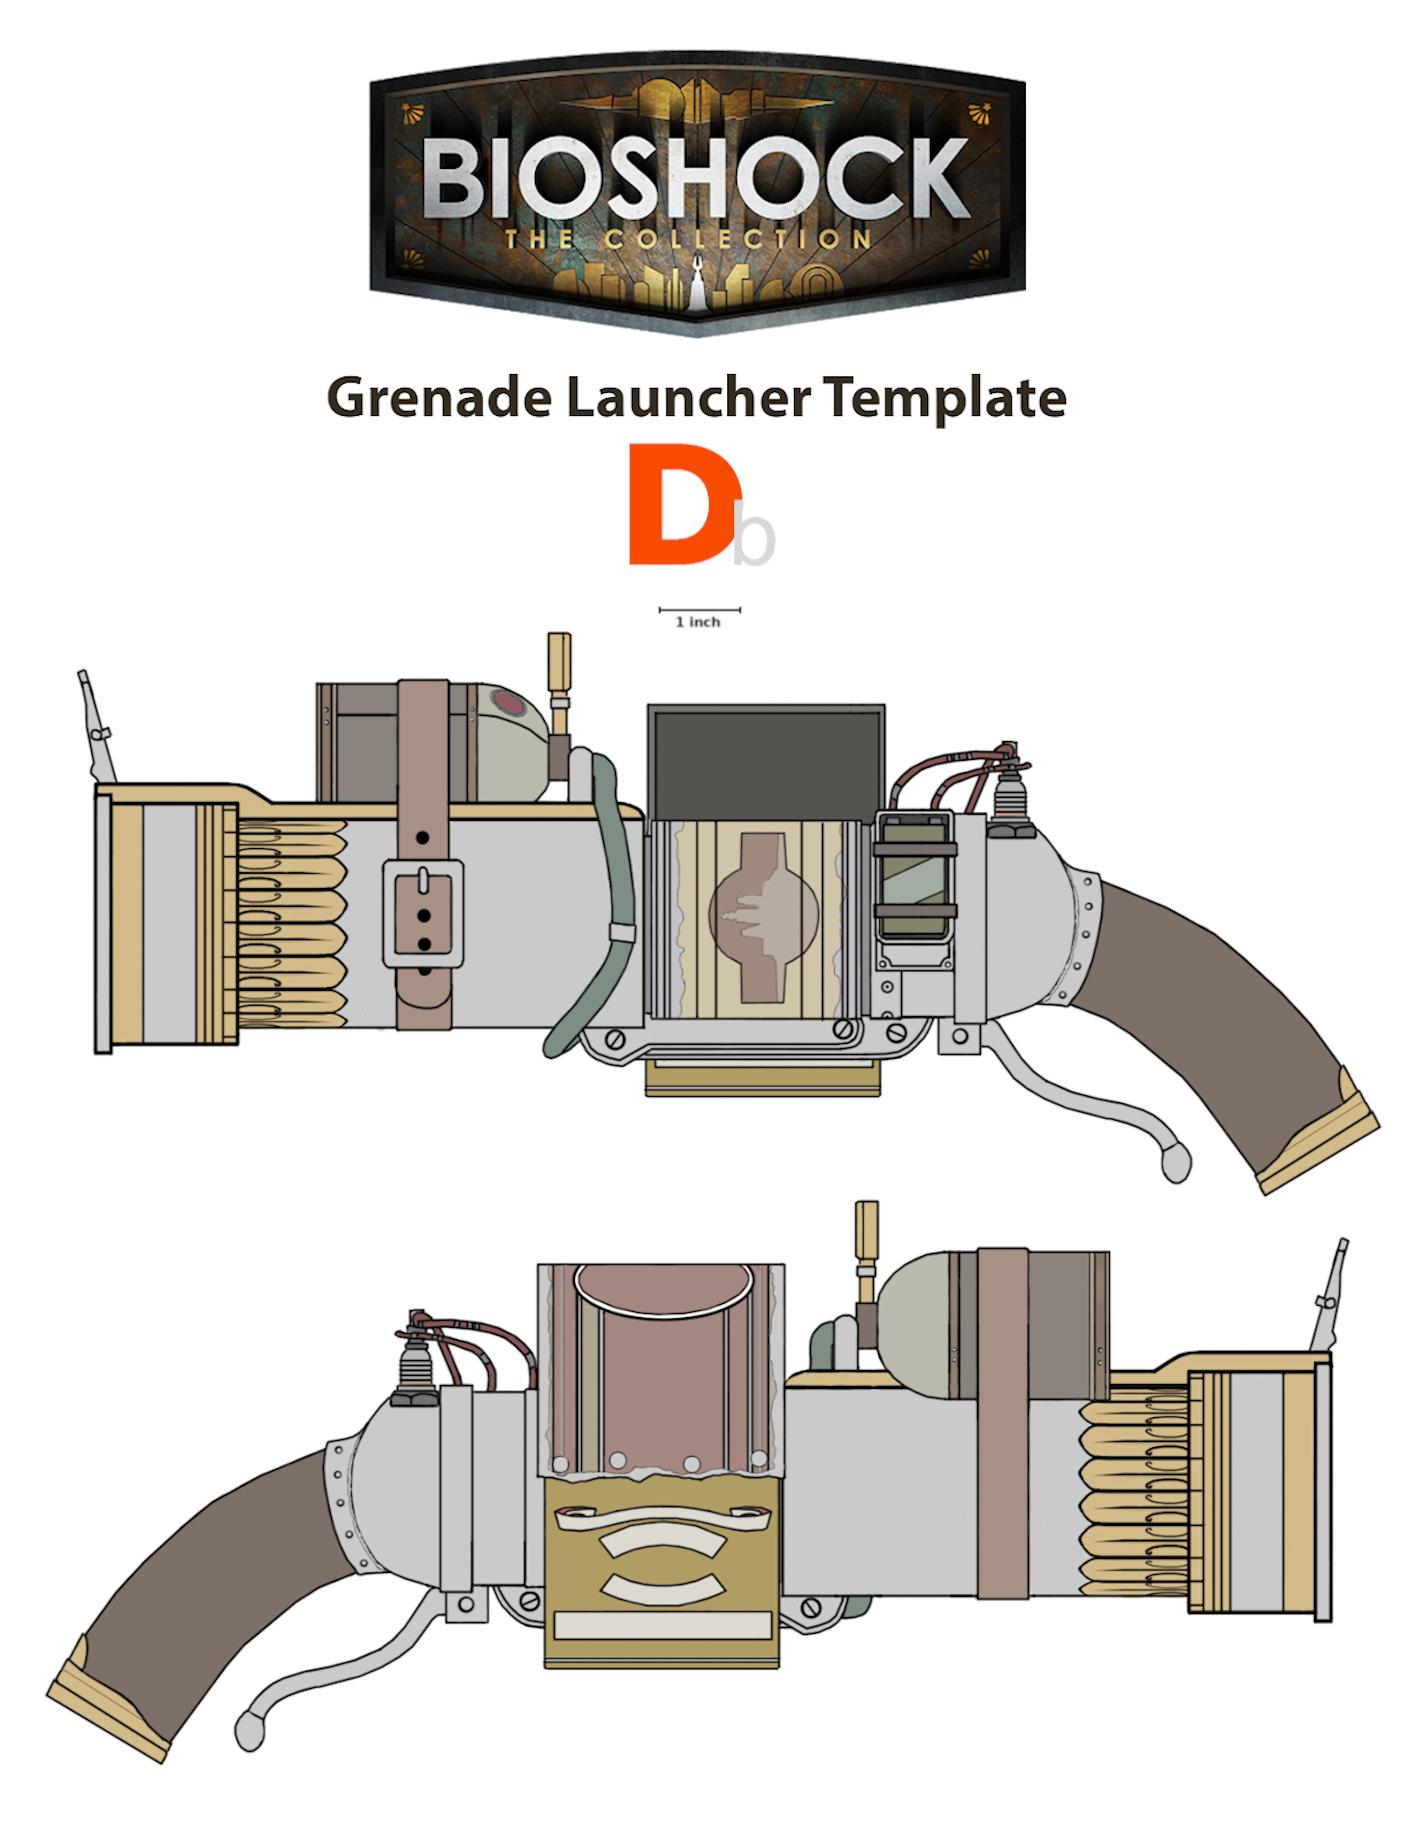 GrenadeLauncher_BluePrint_v02.jpg